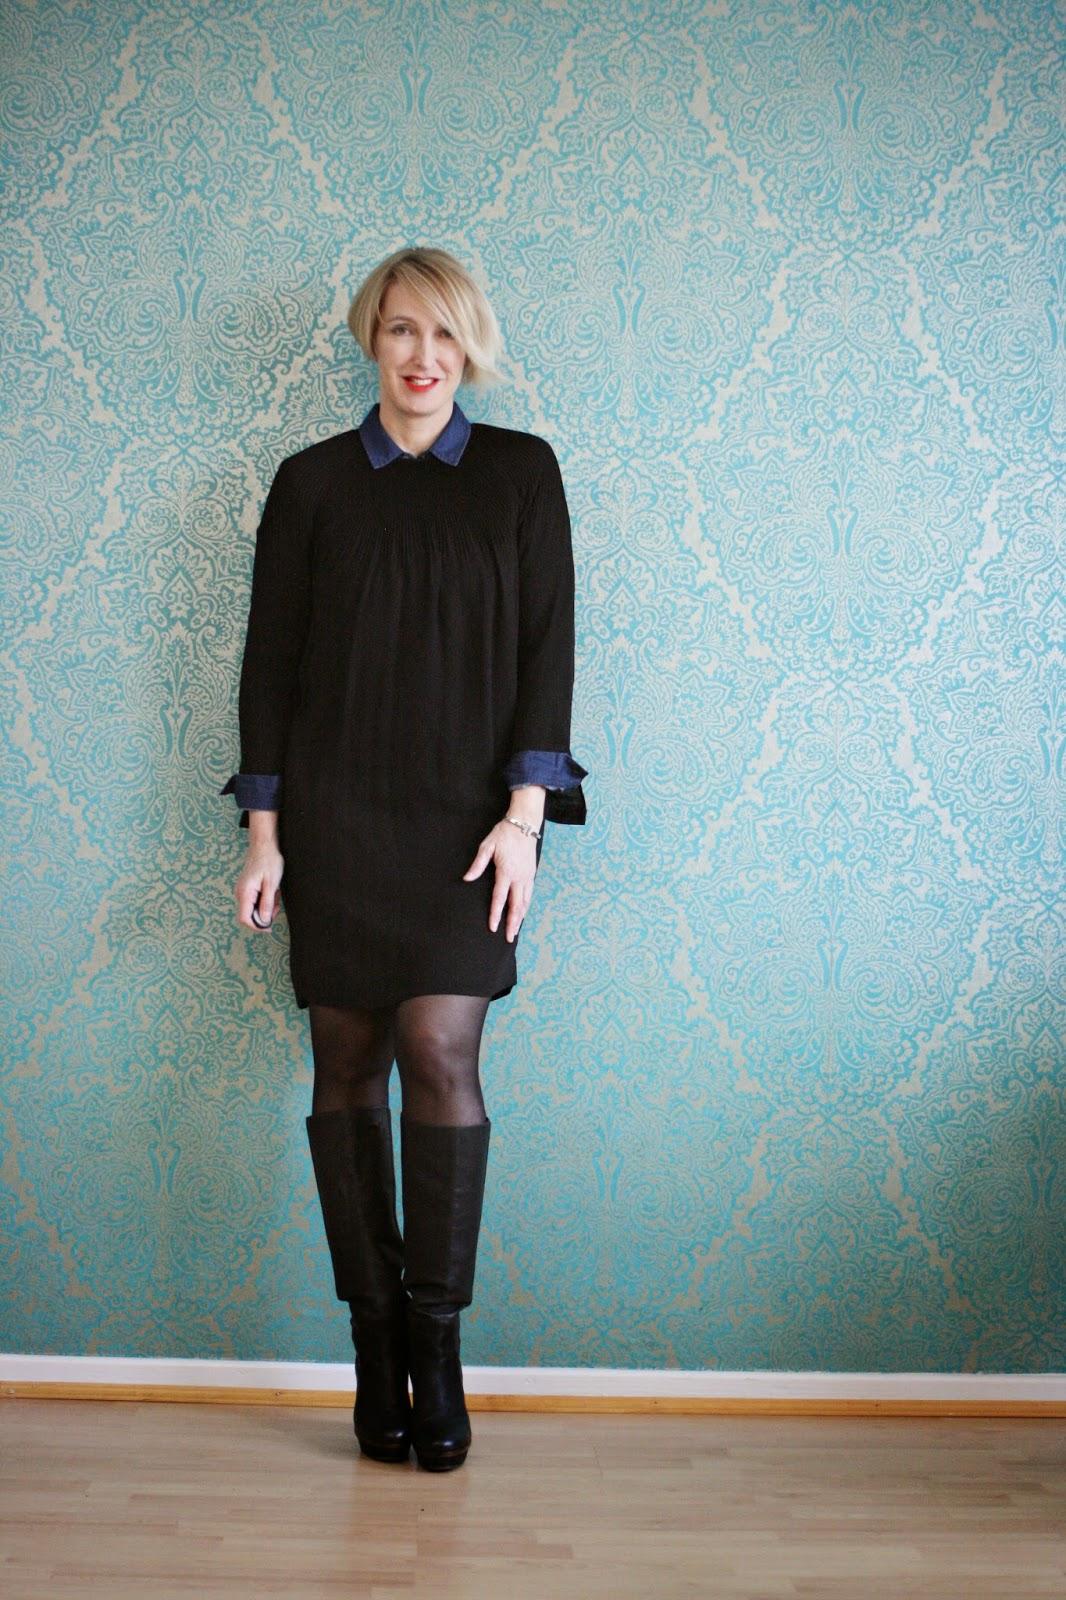 kurzes kleid mit hohen stiefeln kombiniert glam up your lifestyle. Black Bedroom Furniture Sets. Home Design Ideas